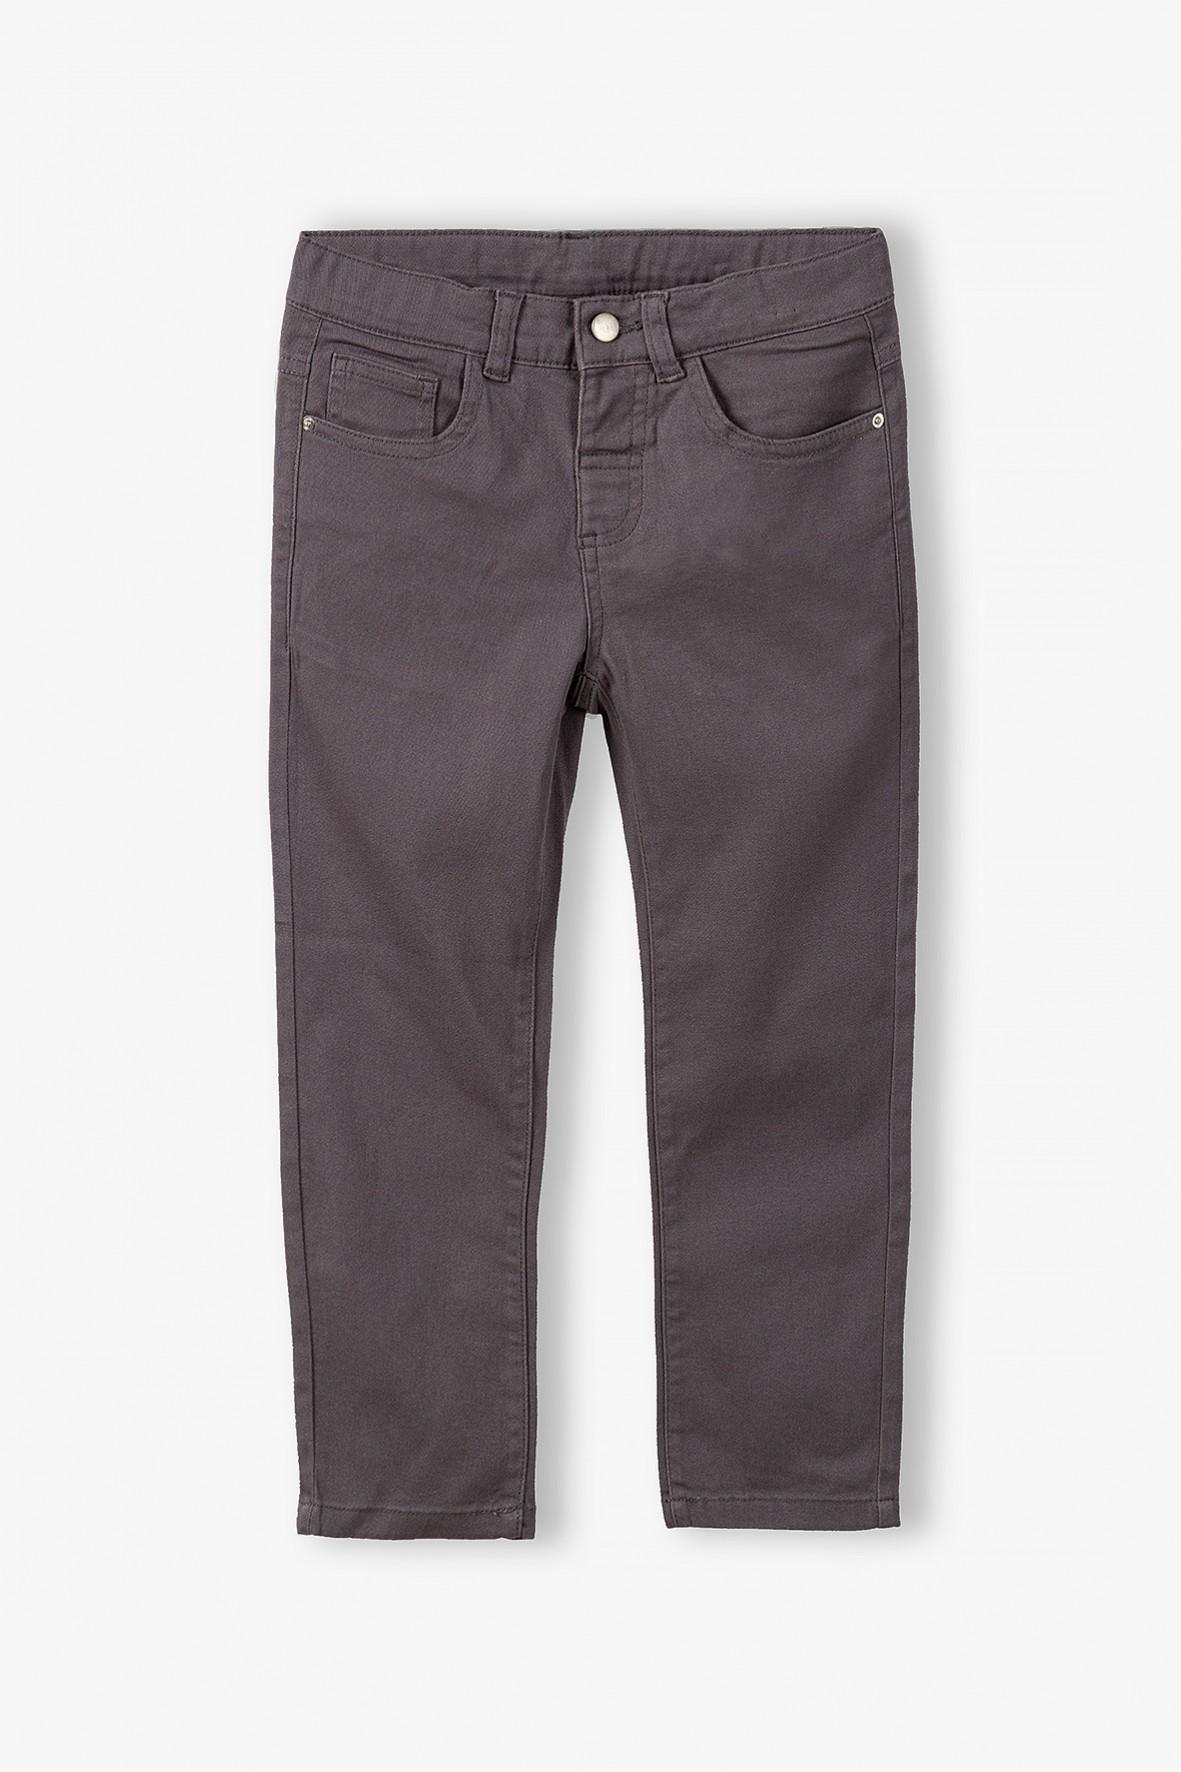 Spodnie dla chłopca szare